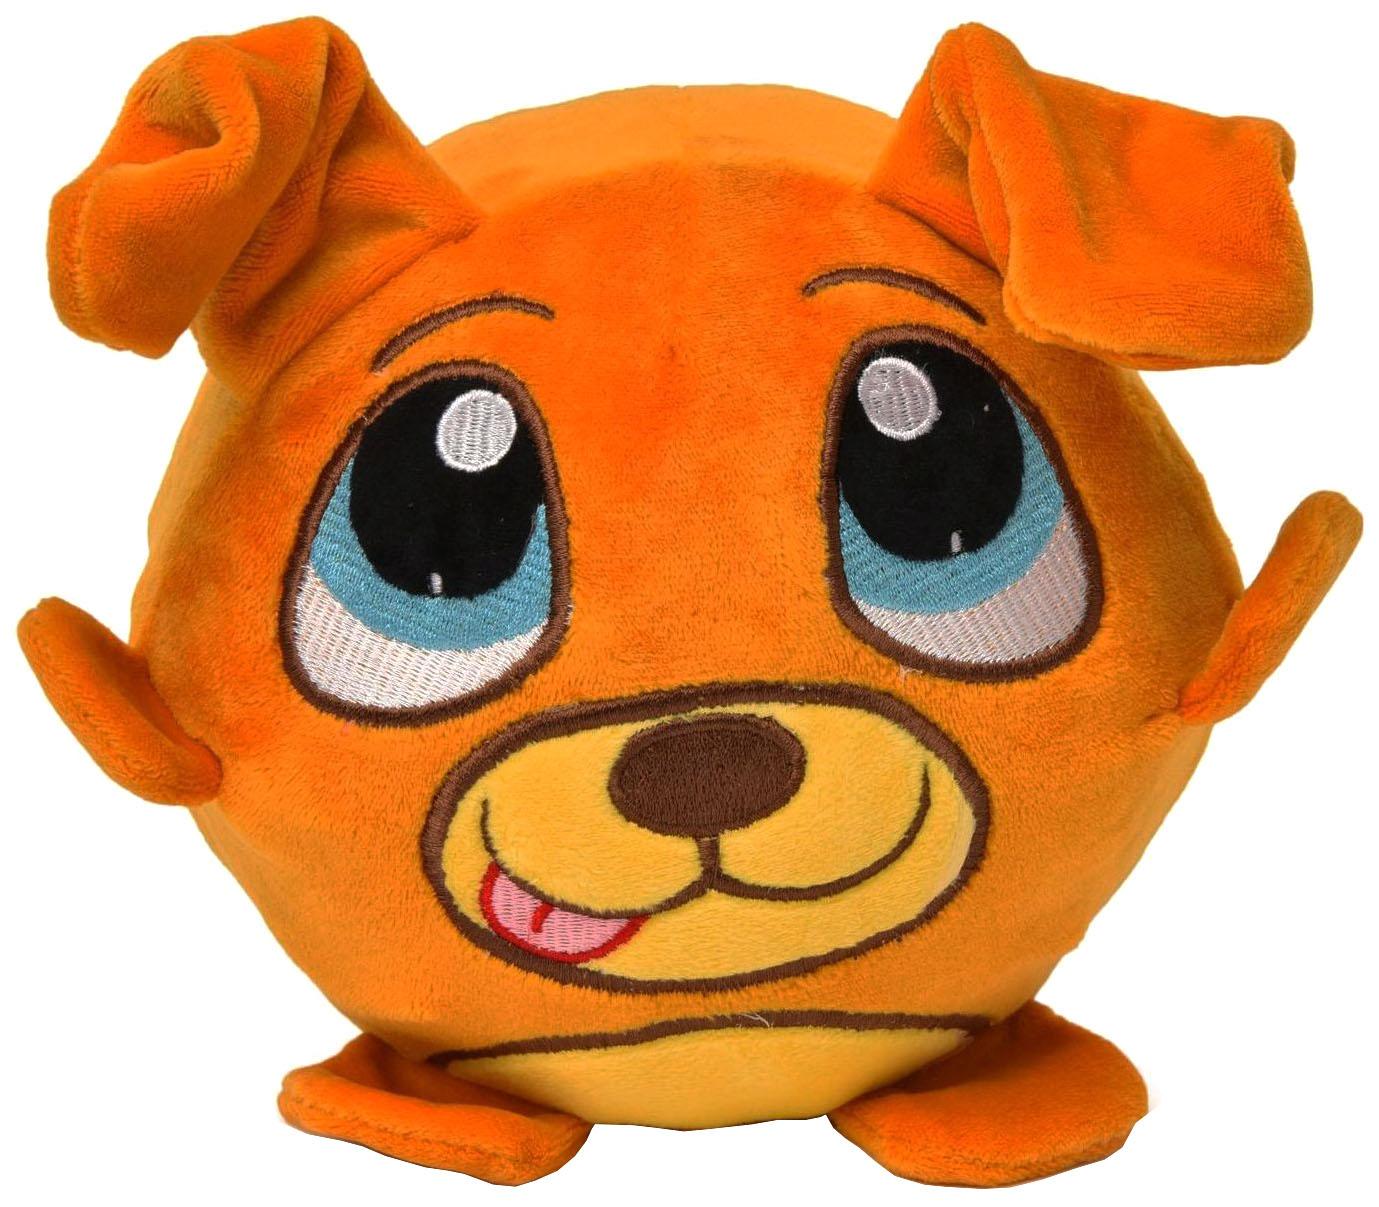 Купить Мягкая игрушка «Бобик Хрум», 18 см 1TOY, 1 TOY, Мягкие игрушки животные